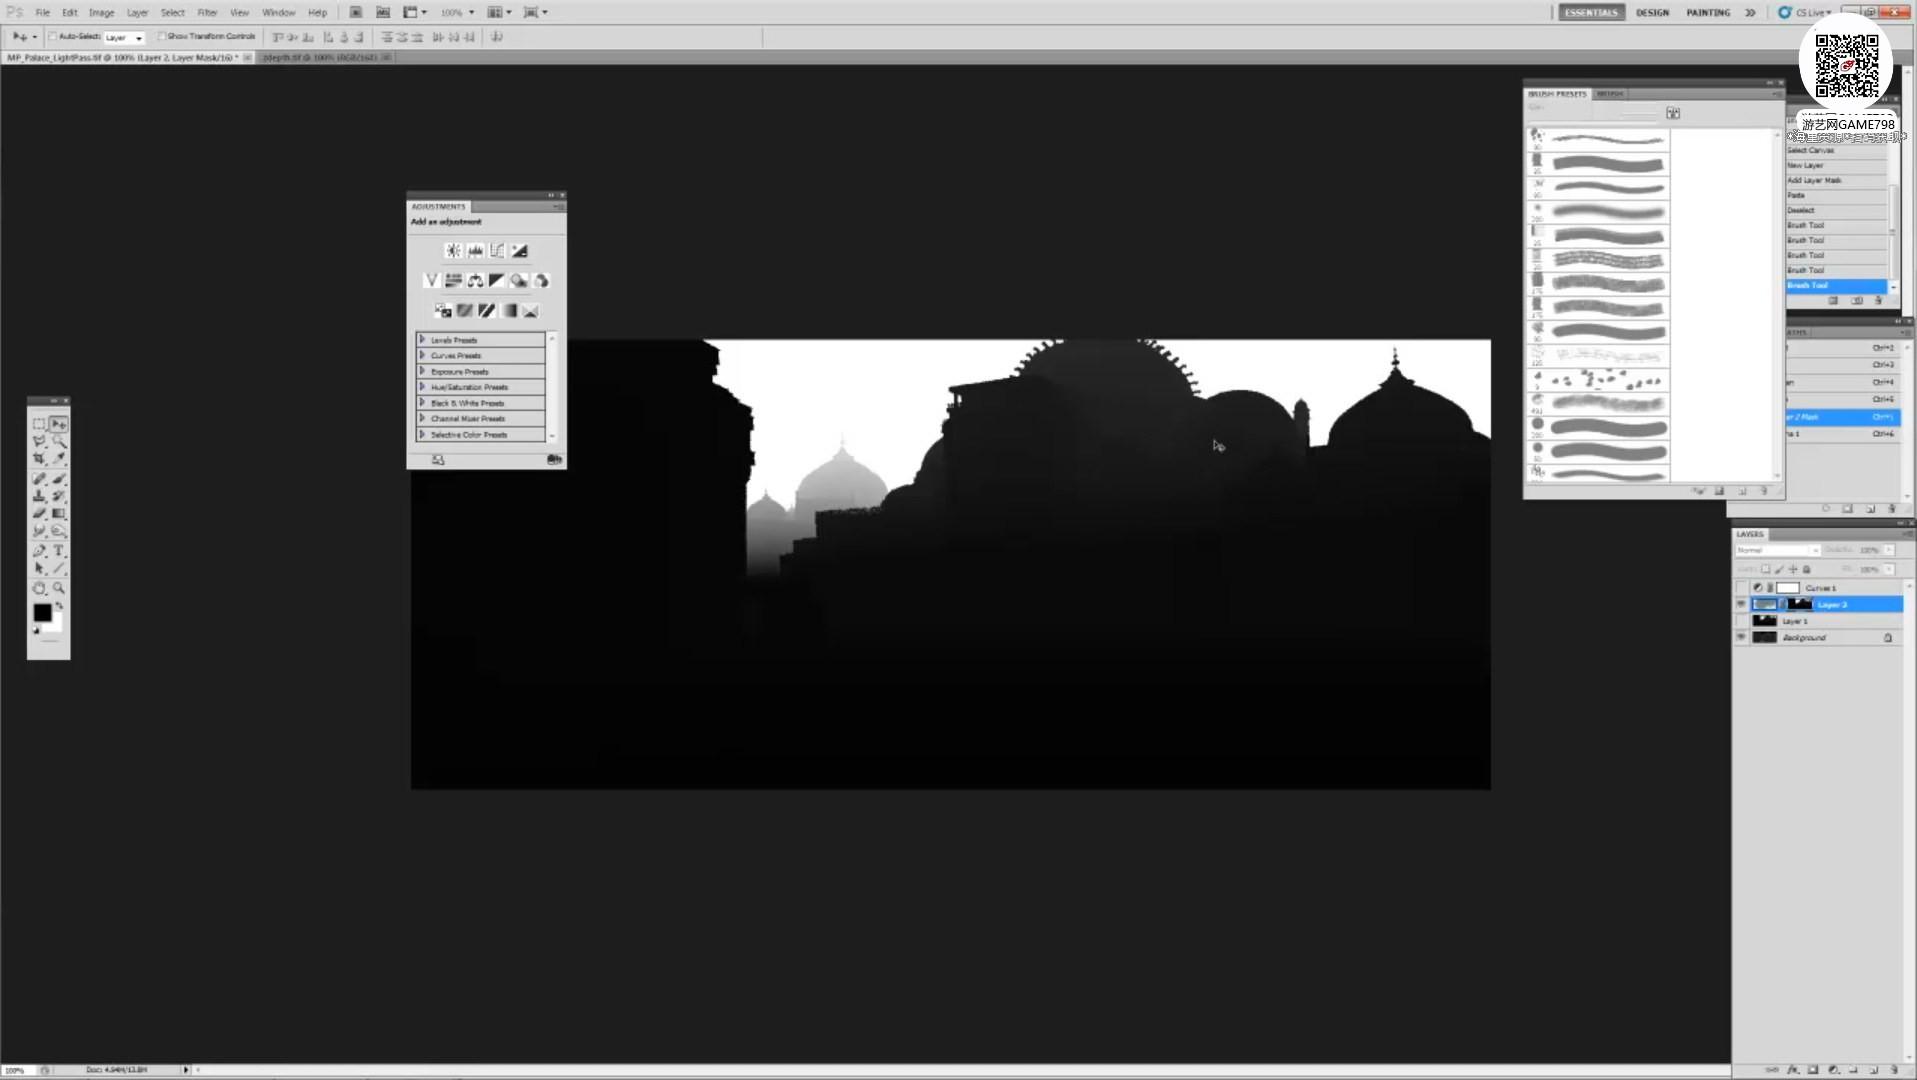 019_关注-游艺网GAME798海量资源下载【视频教程】超写实场景设定制作流程.jpg